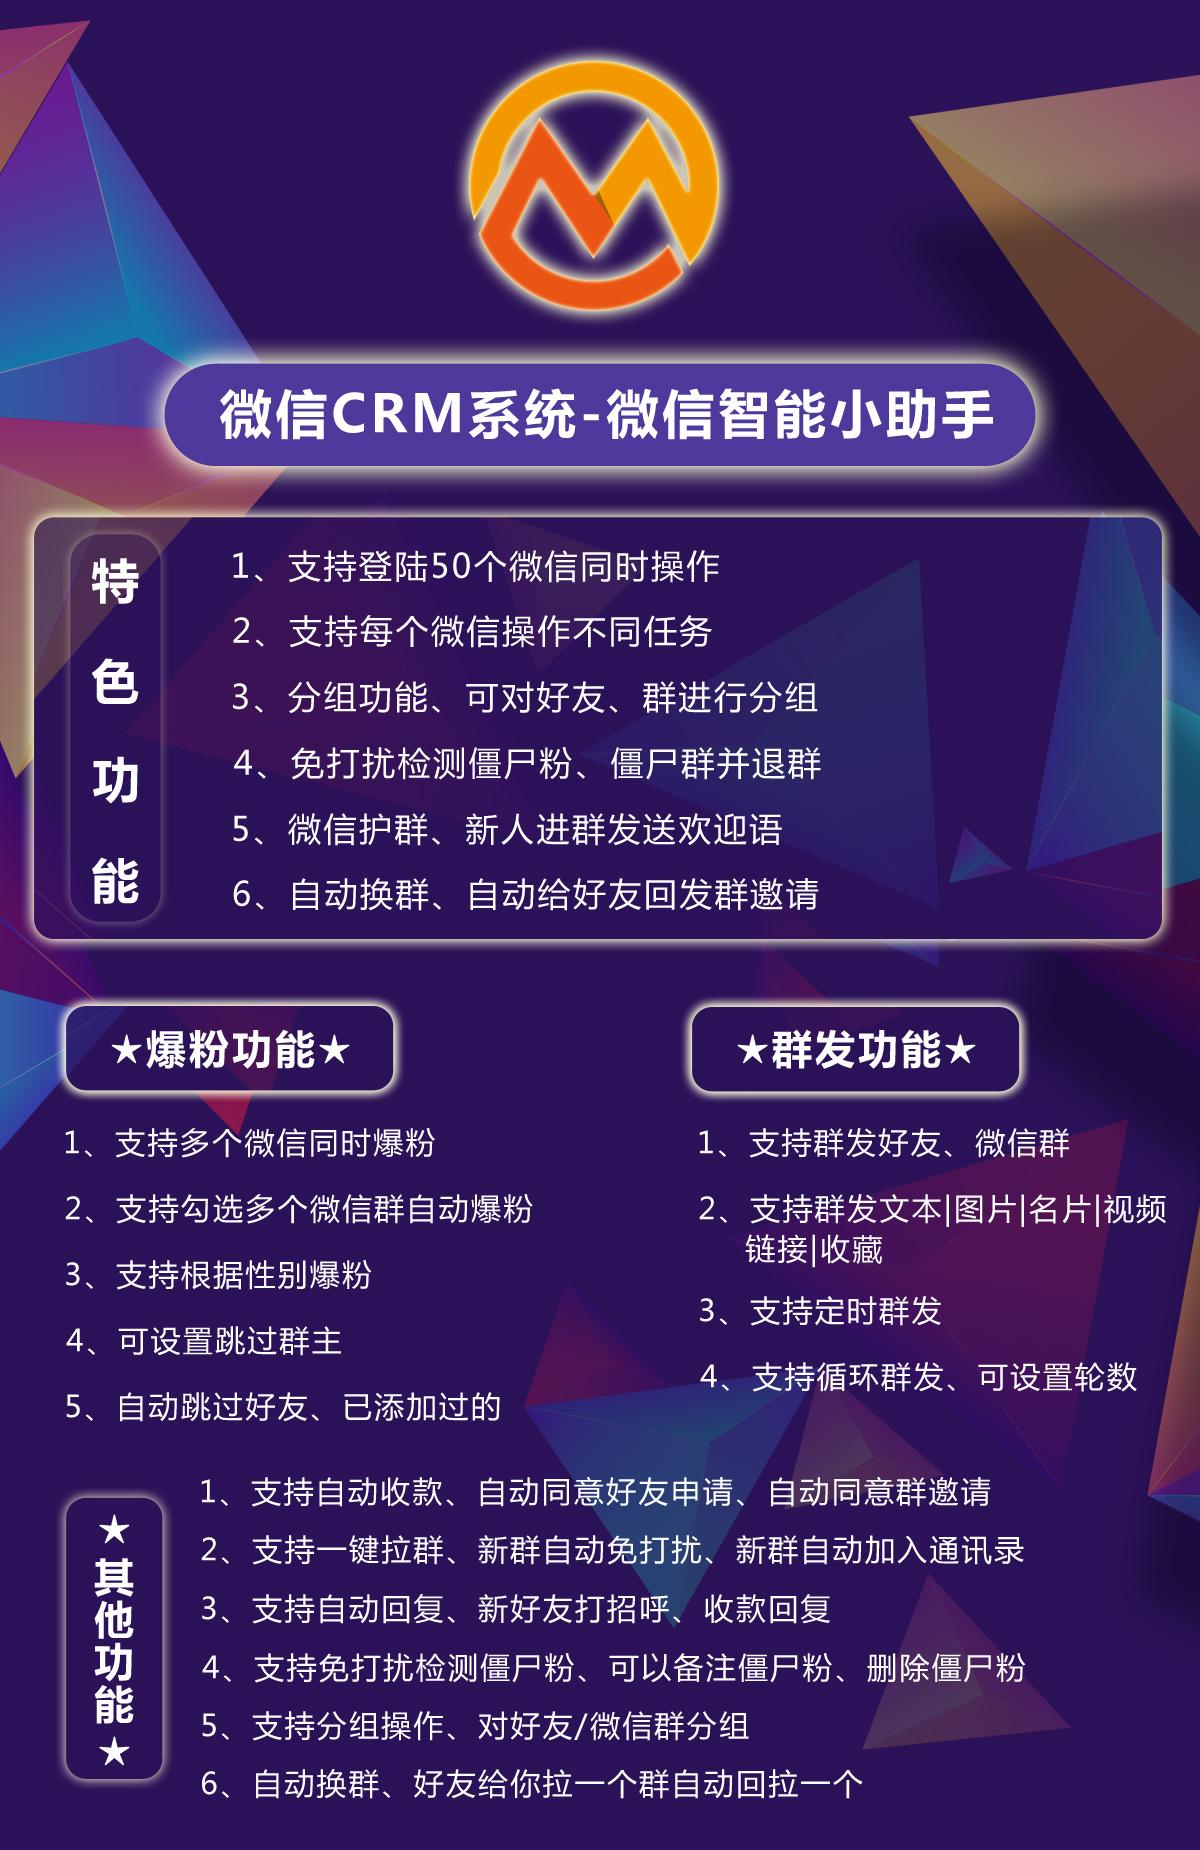 【微信CRM官网】电脑版高端微信营销软件 自动换群 群发 自动通过好友 可登录50个号